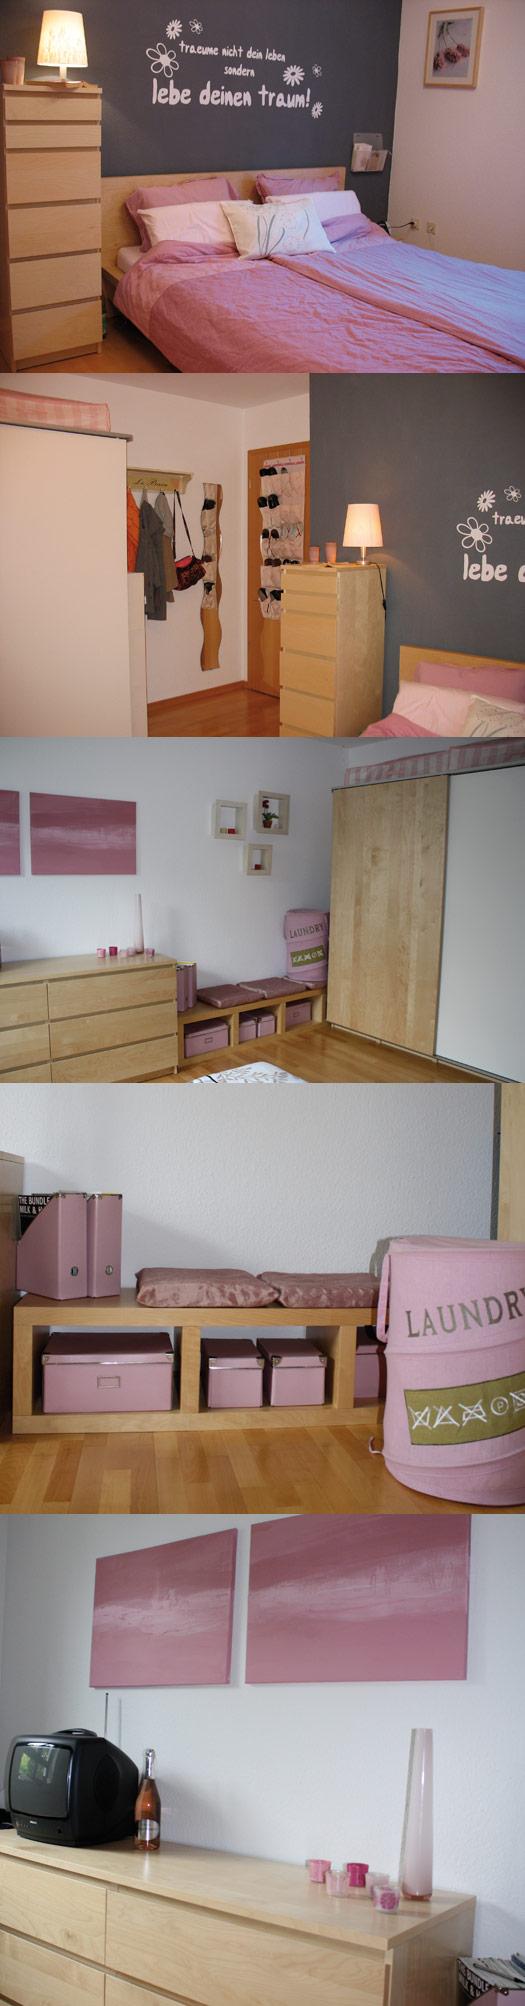 Schlafzimmer Vorher Nachher : Schlafzimmer vorher – nachher – sanviede[R